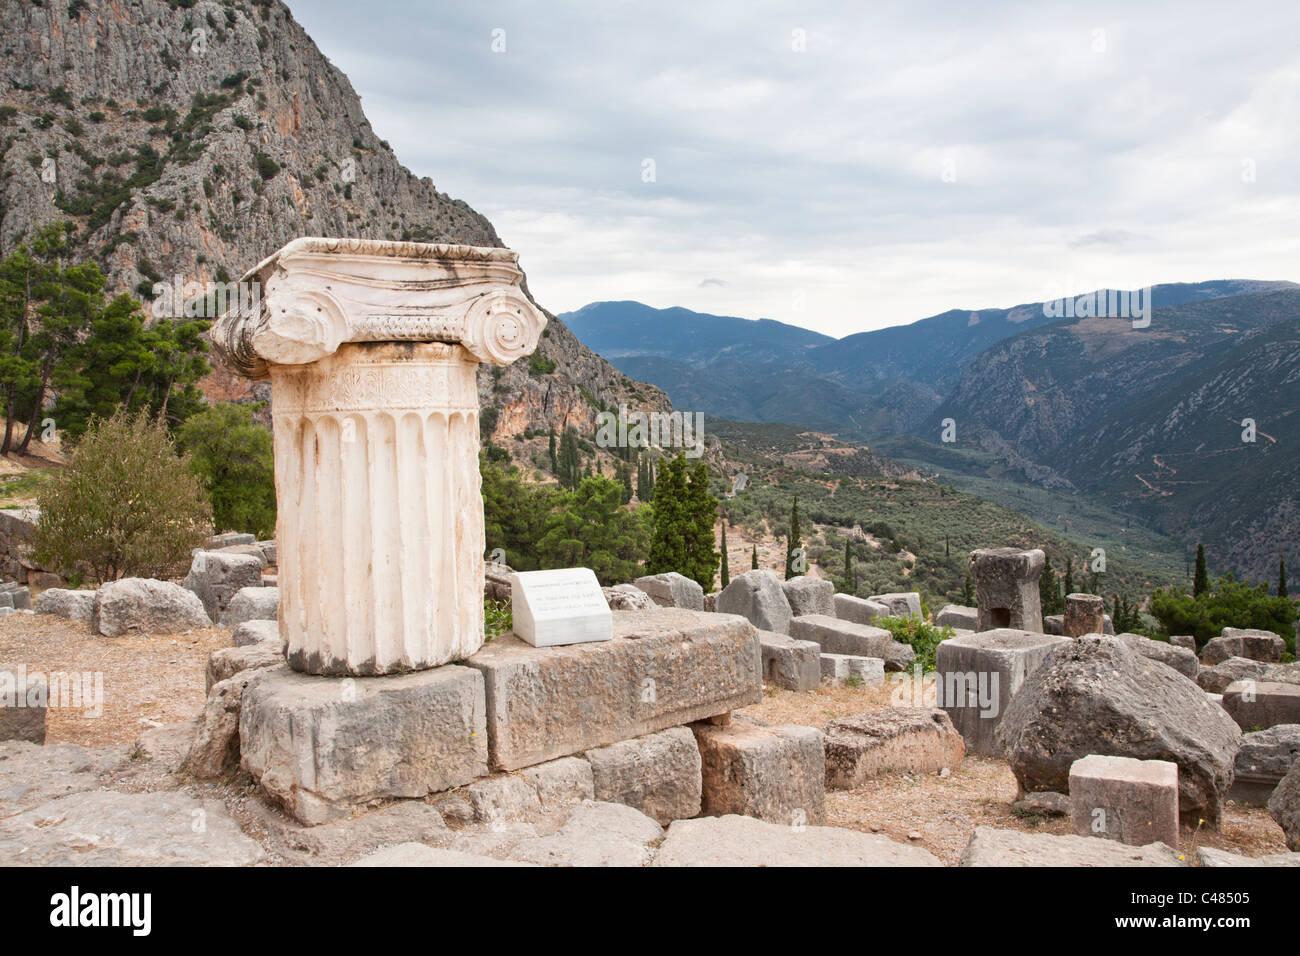 Column, Delphi Greece Stock Photo